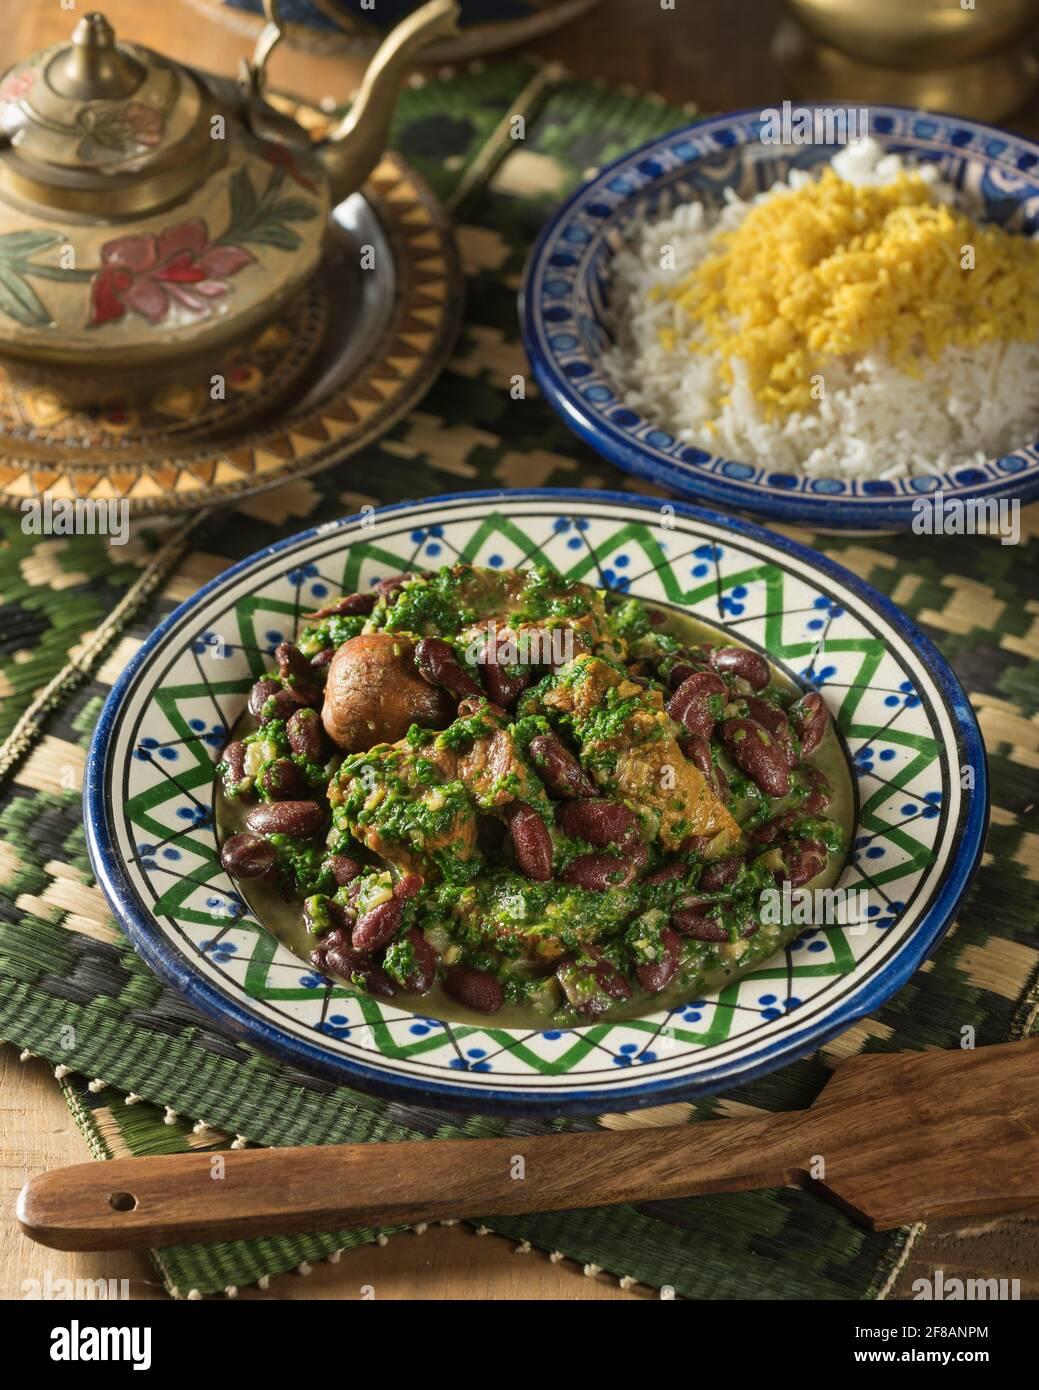 Khoresh ghormeh sabzi. Iranischer Lamm- und Kräutereintopf. Iranische Küche Stockfoto